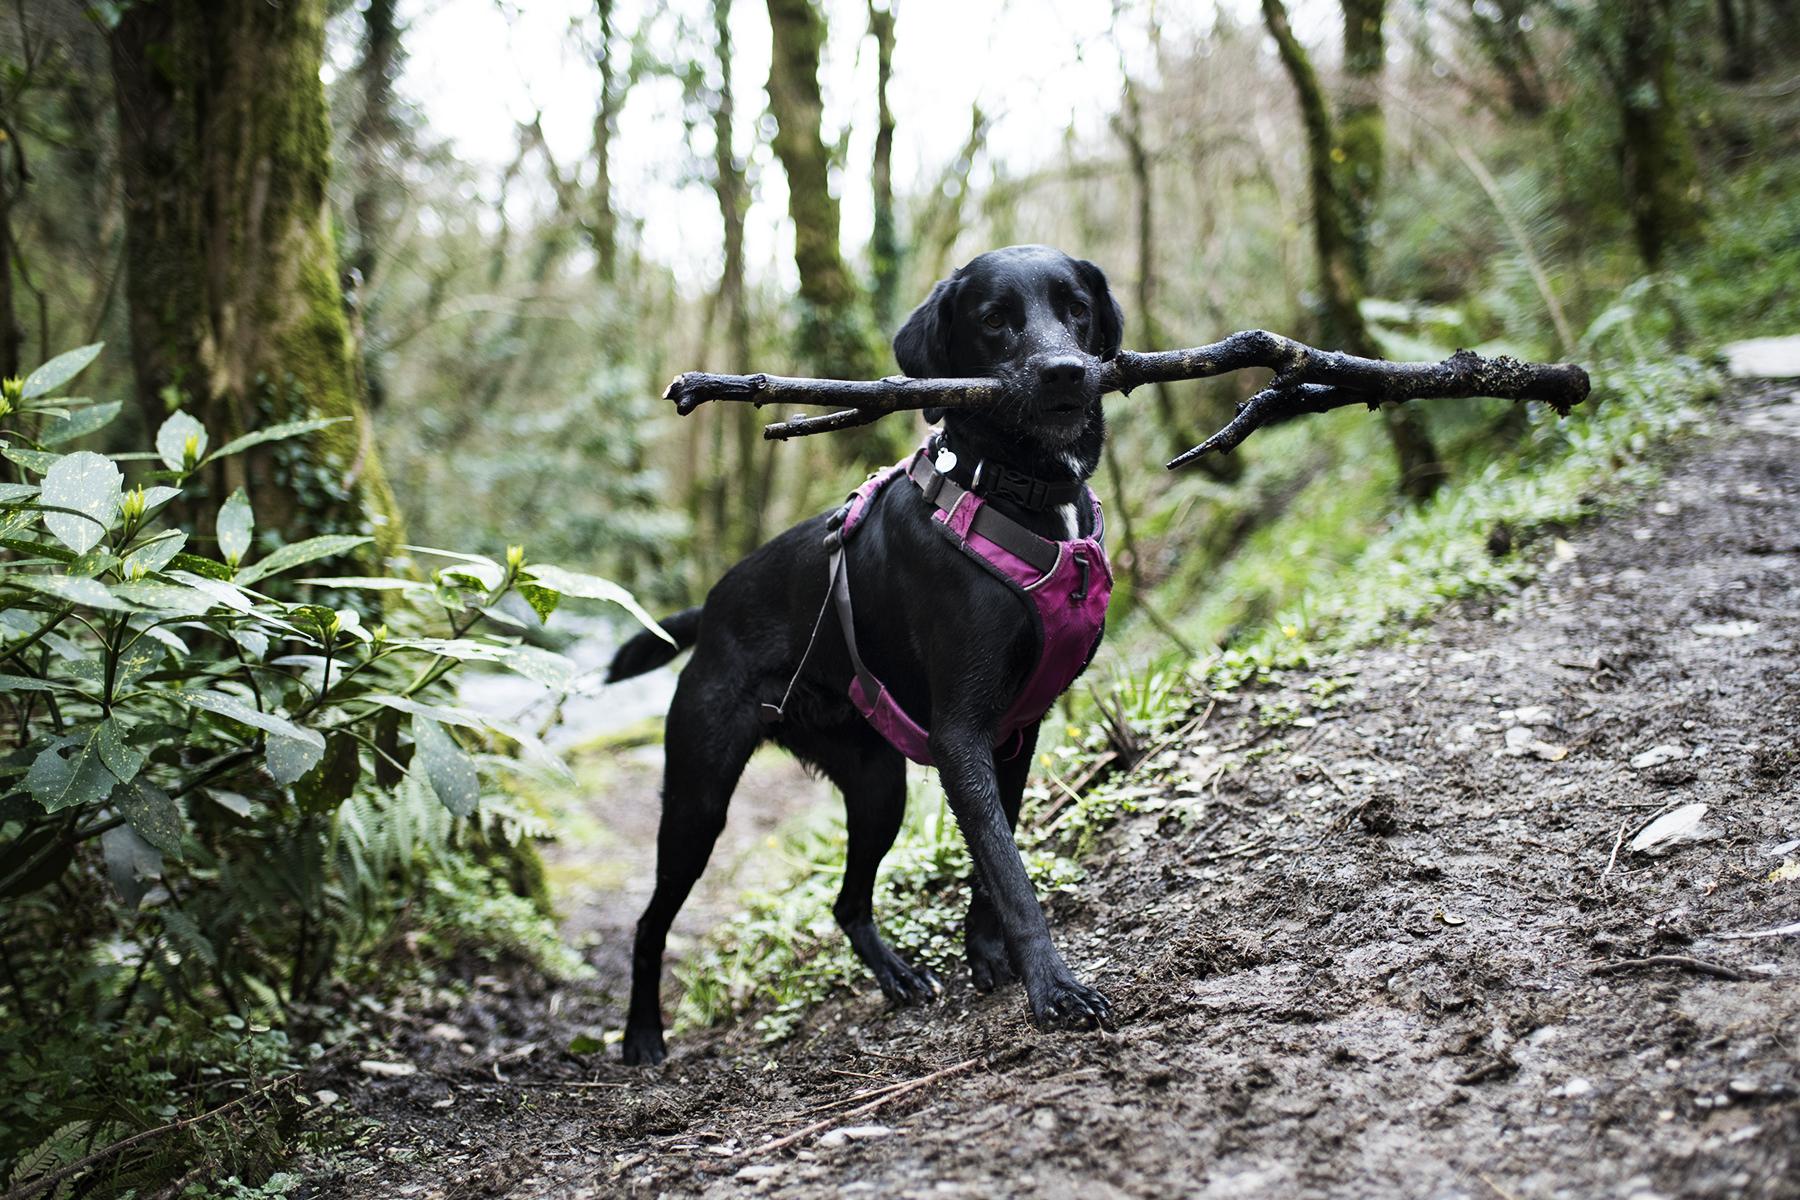 Ruffwear Front Range | The Cornish Dog